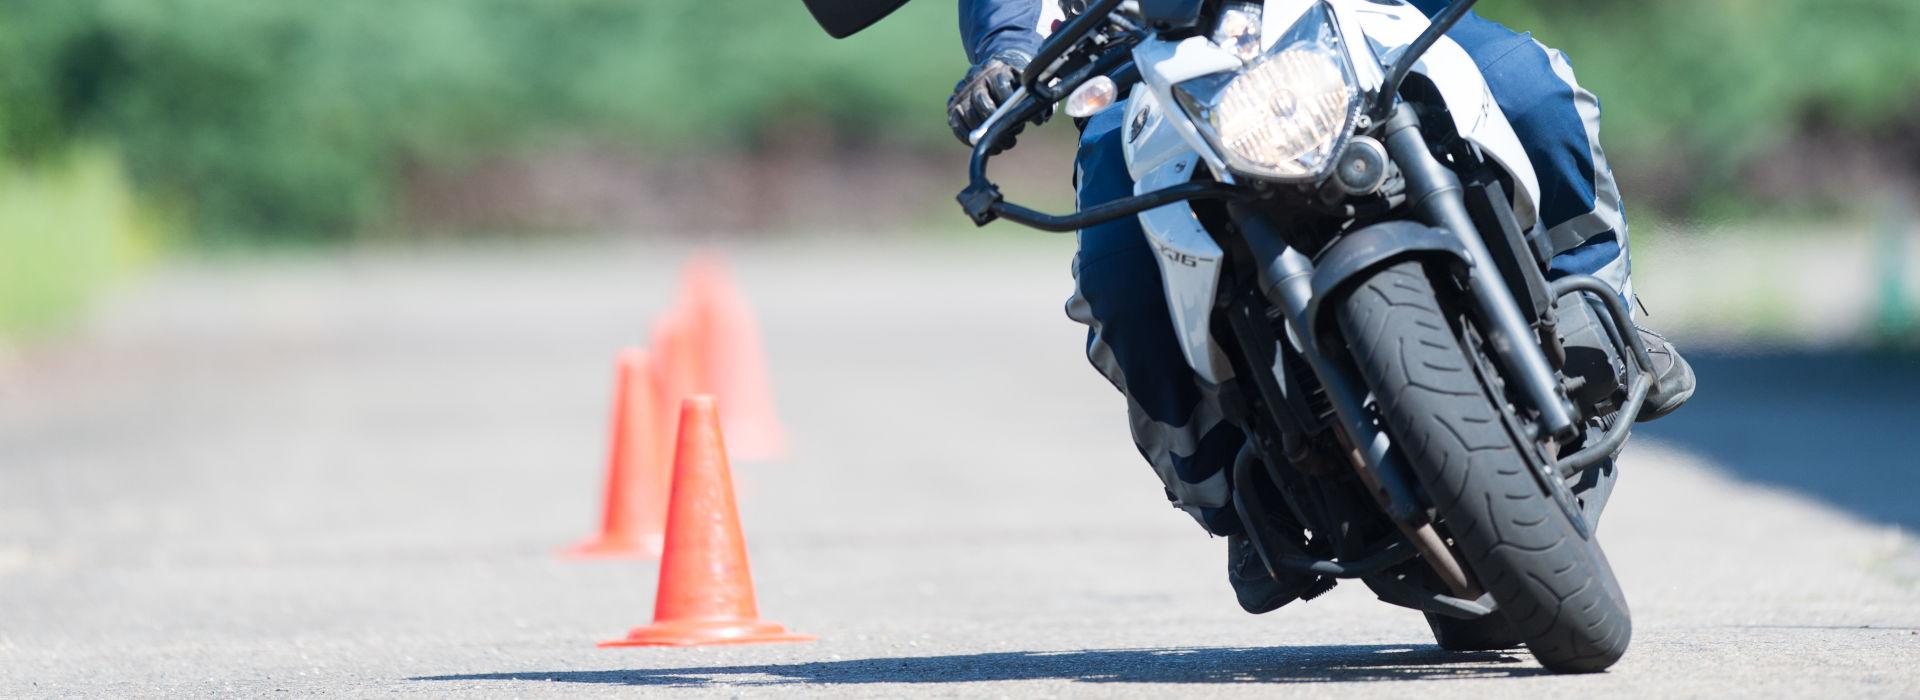 Motorrijbewijspoint Leidschendam motor rijvaardigheid